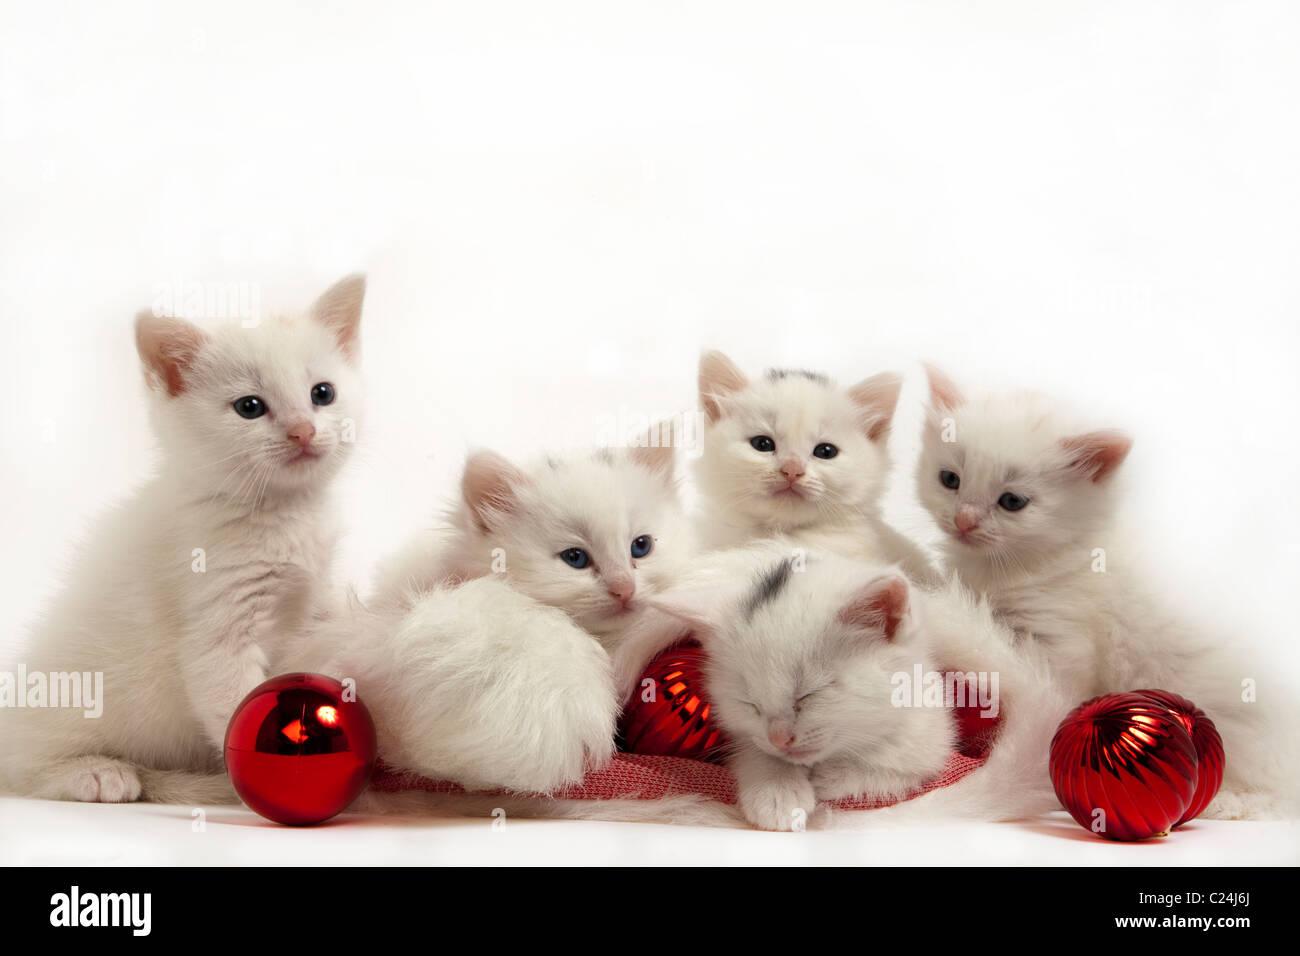 christmas kittens - Stock Image